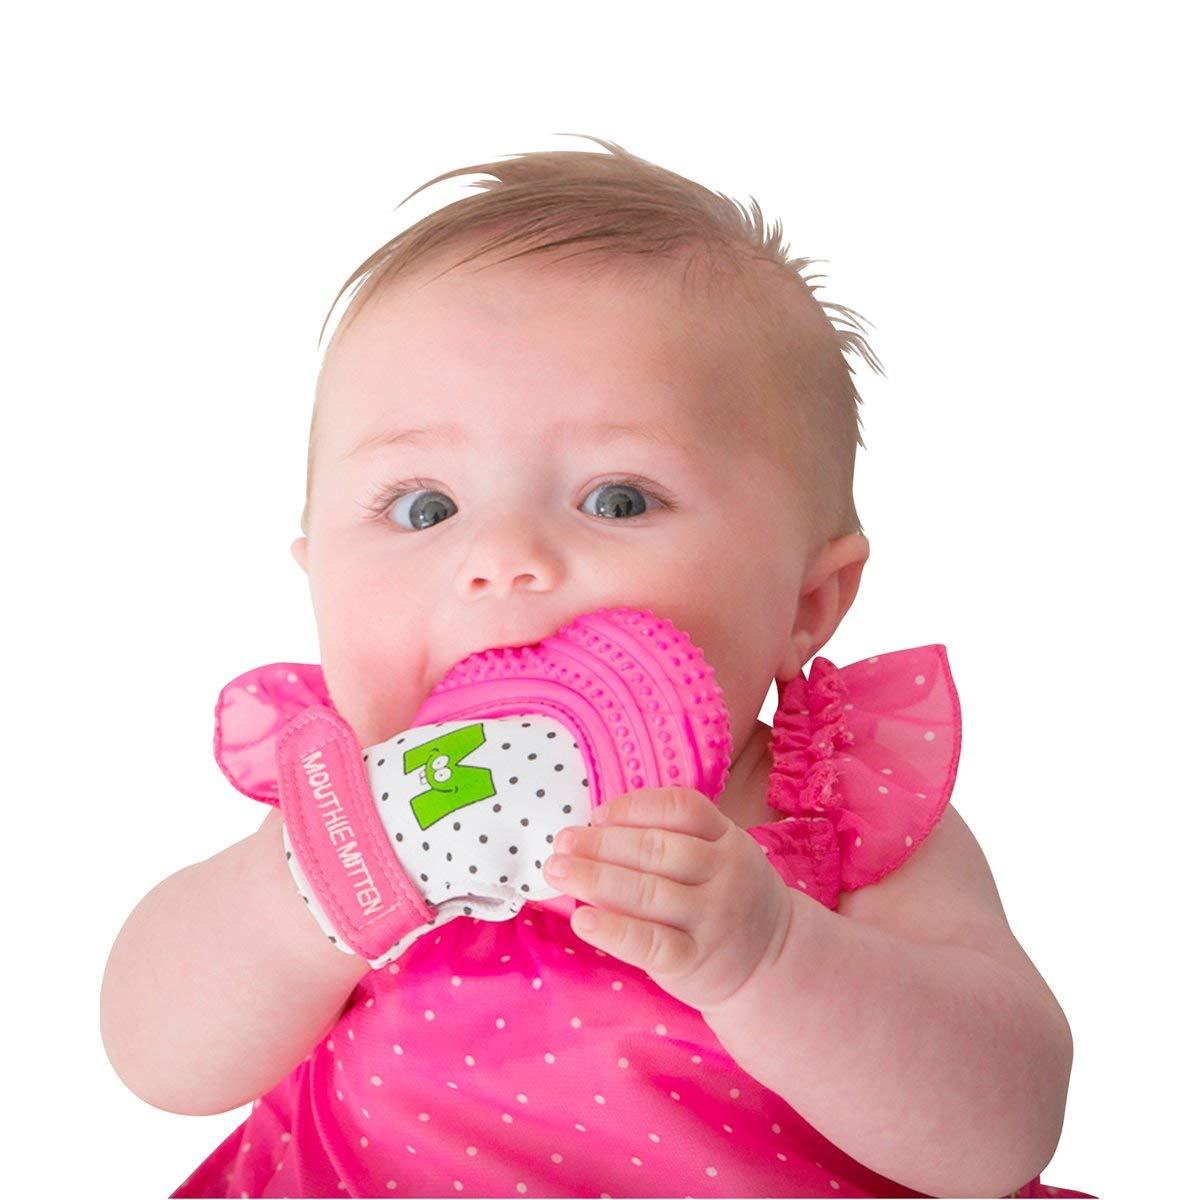 Malarky Kids Il Guanto da Dentizione Originale Lavabile in Lavatrice In  Molti Colori Bpa Gratis  Amazon.it  Prima infanzia 16a074a46c22